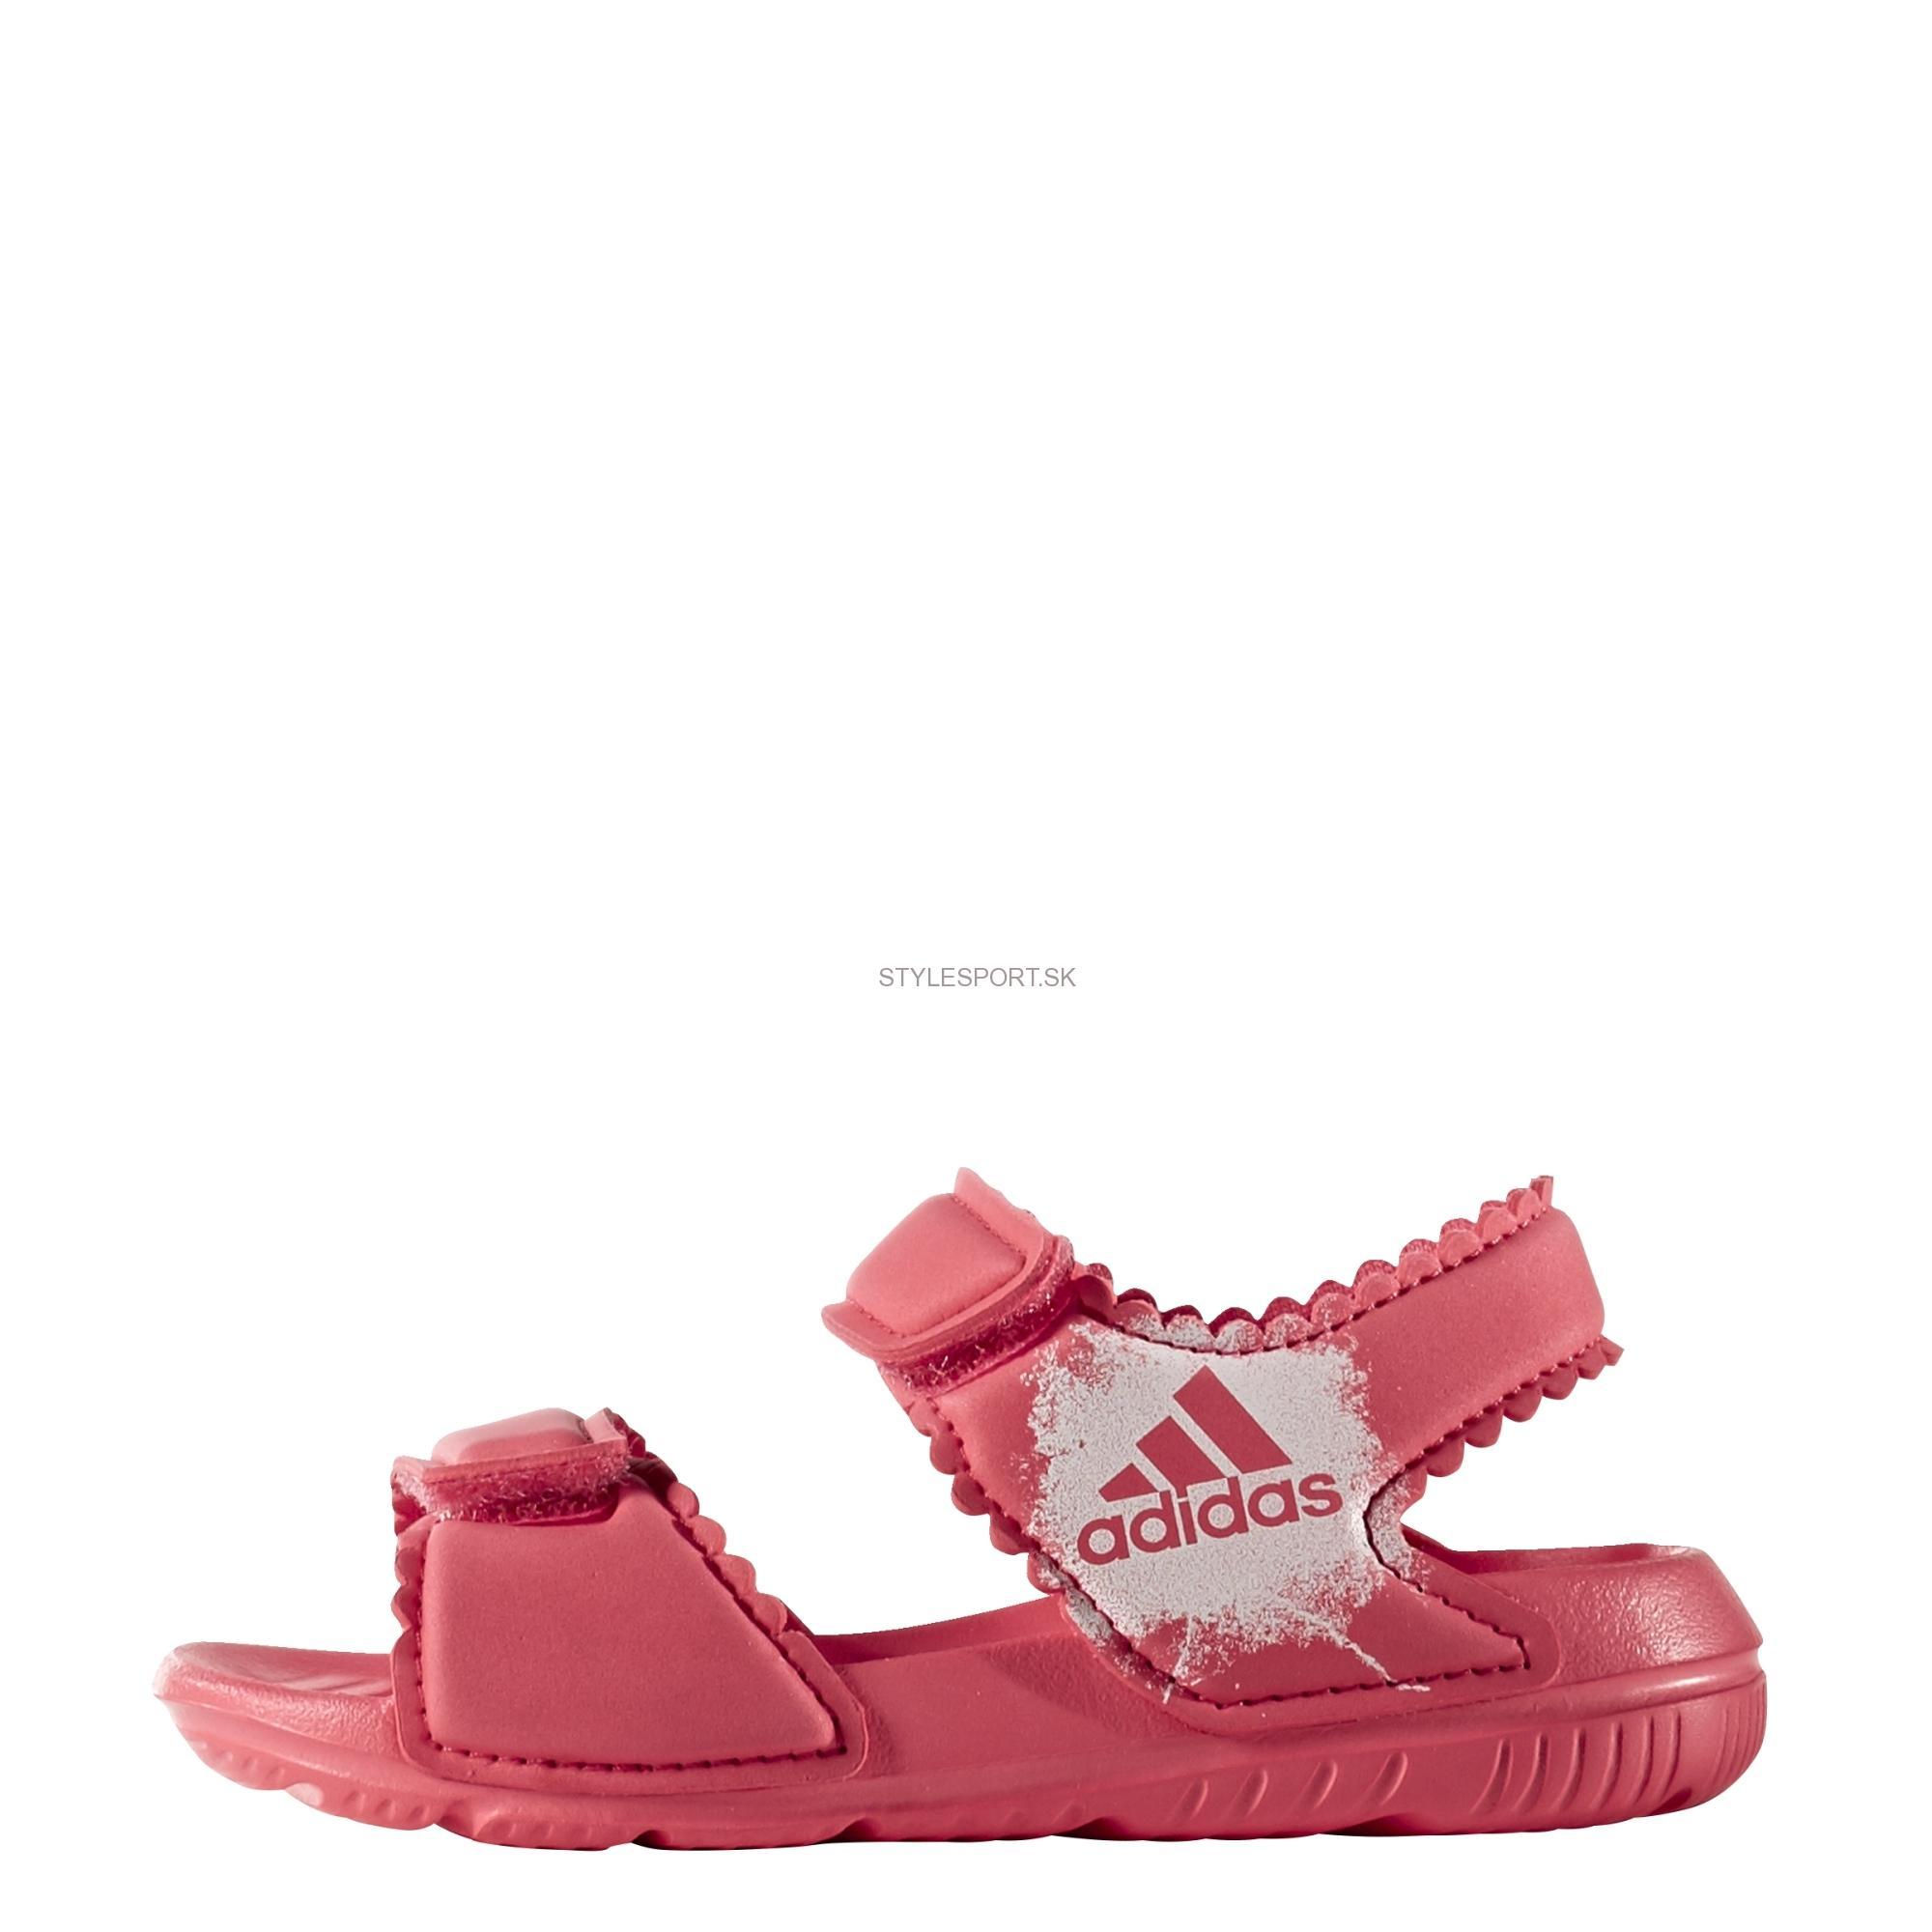 3fa7e66a7521 adidas AltaSwim ružové